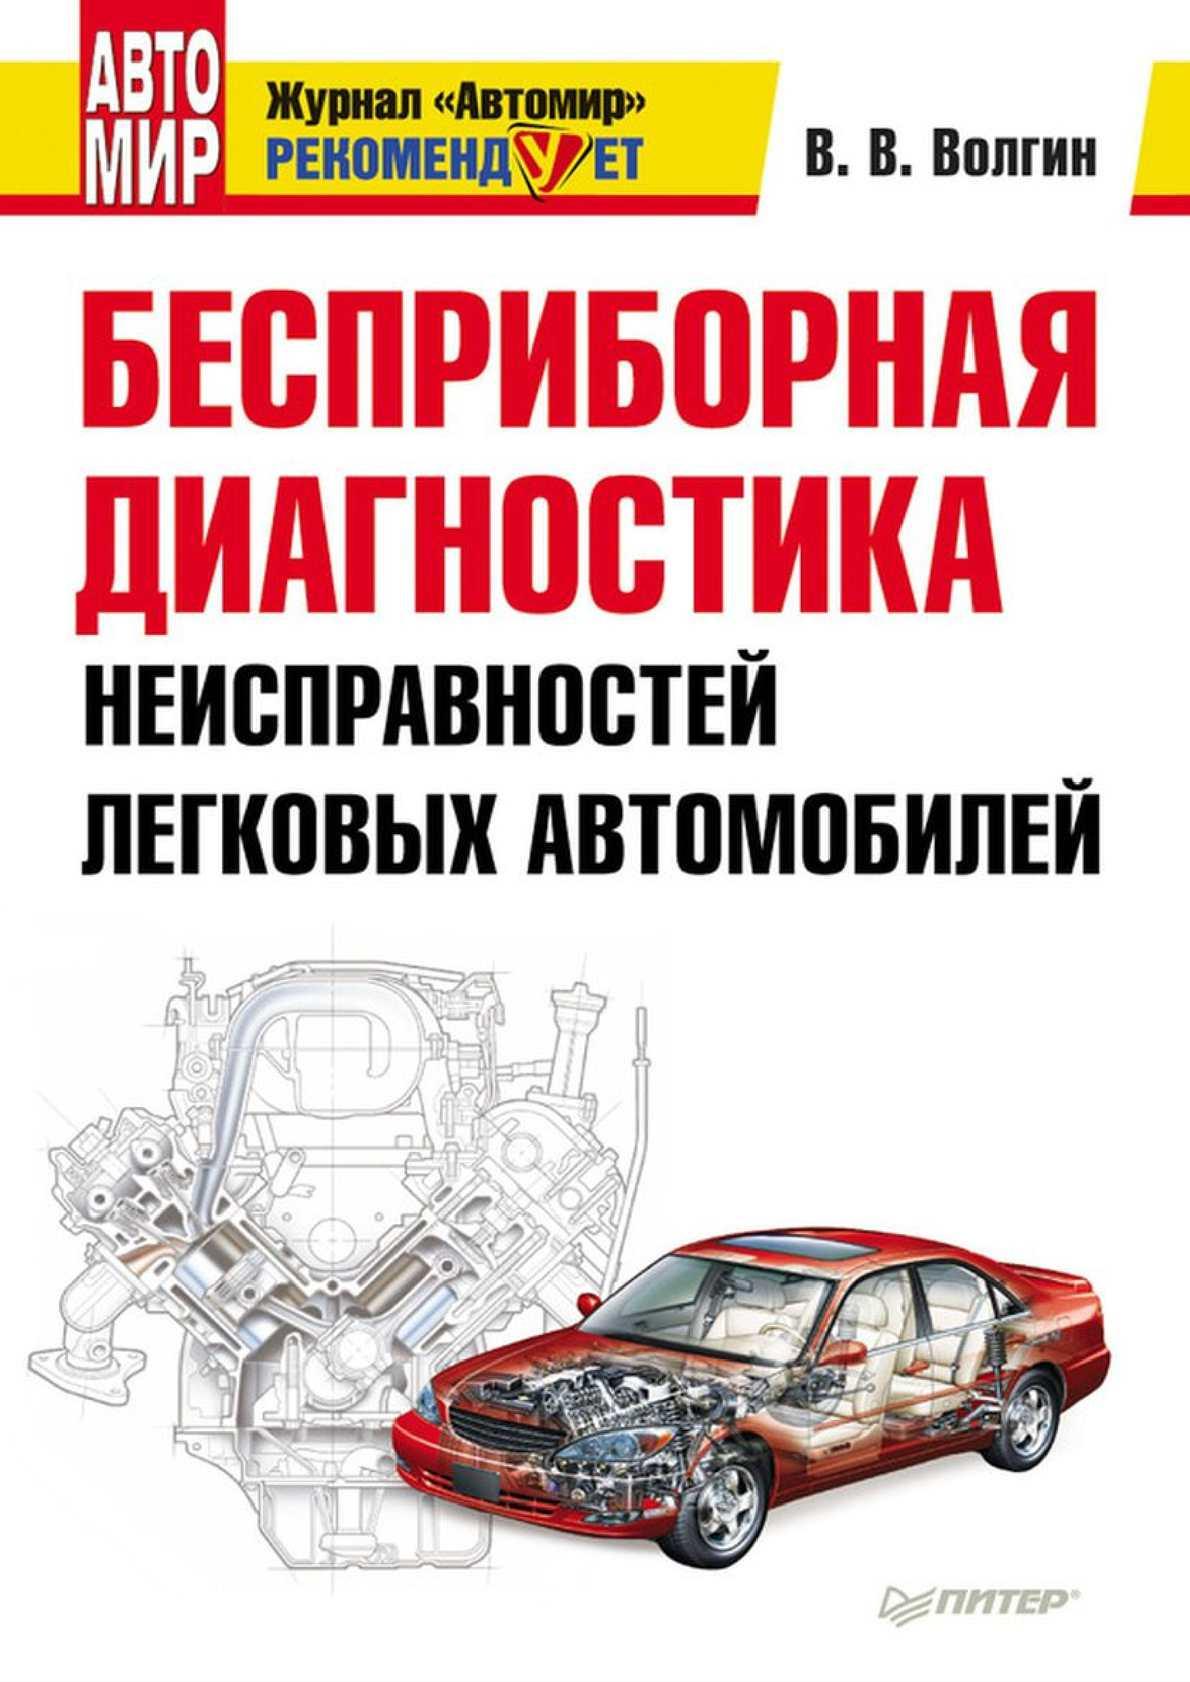 тесты по ремонту автомобиля в картинках главная